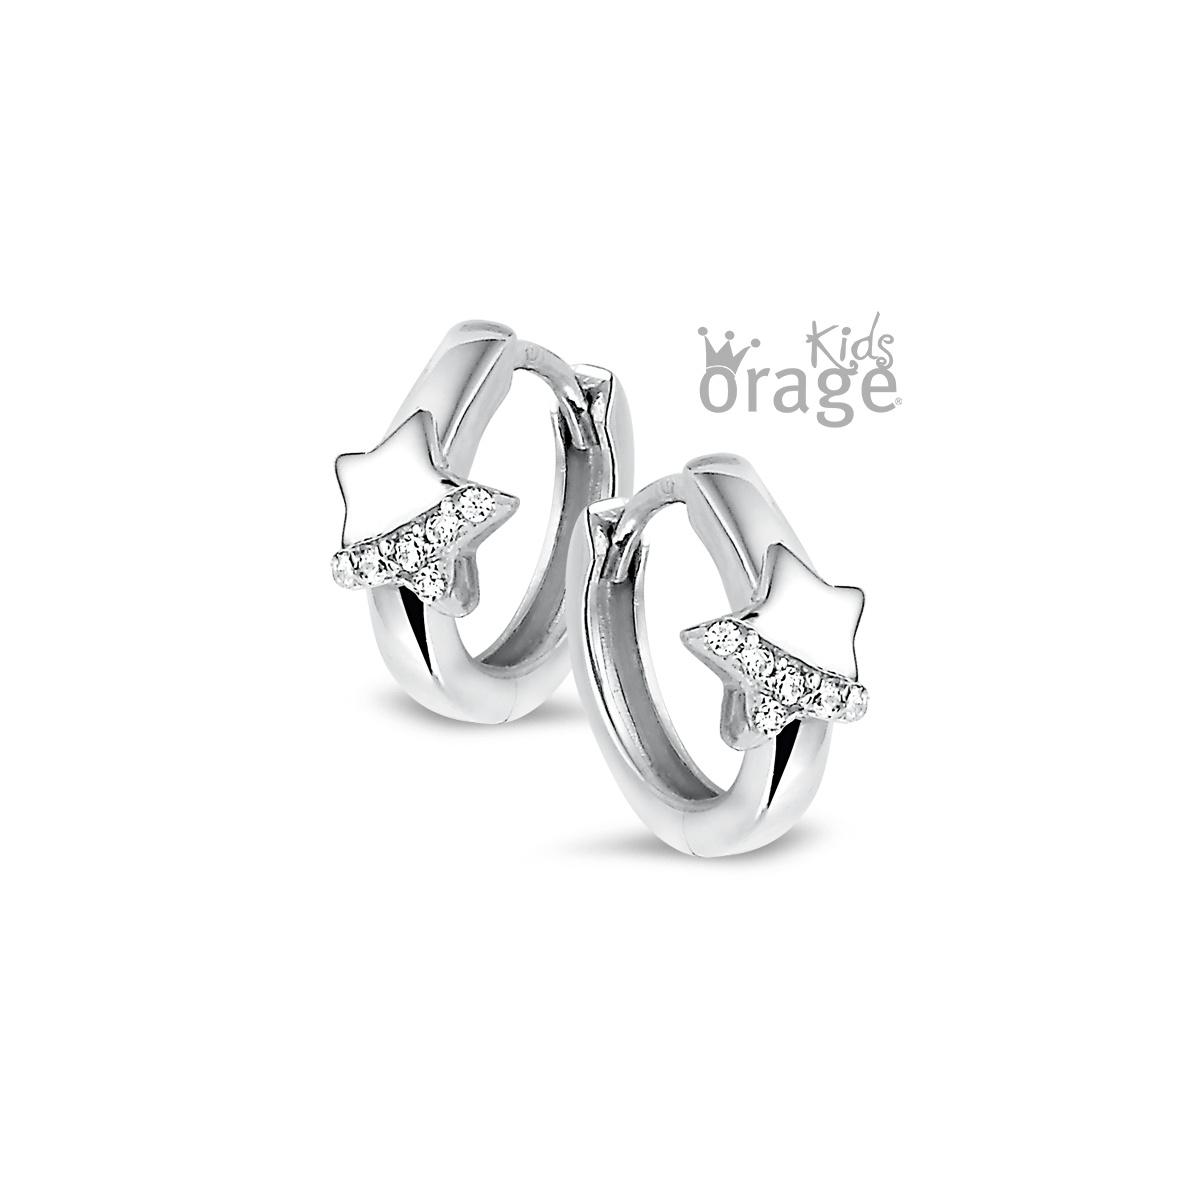 Orage kids K2094-K1902